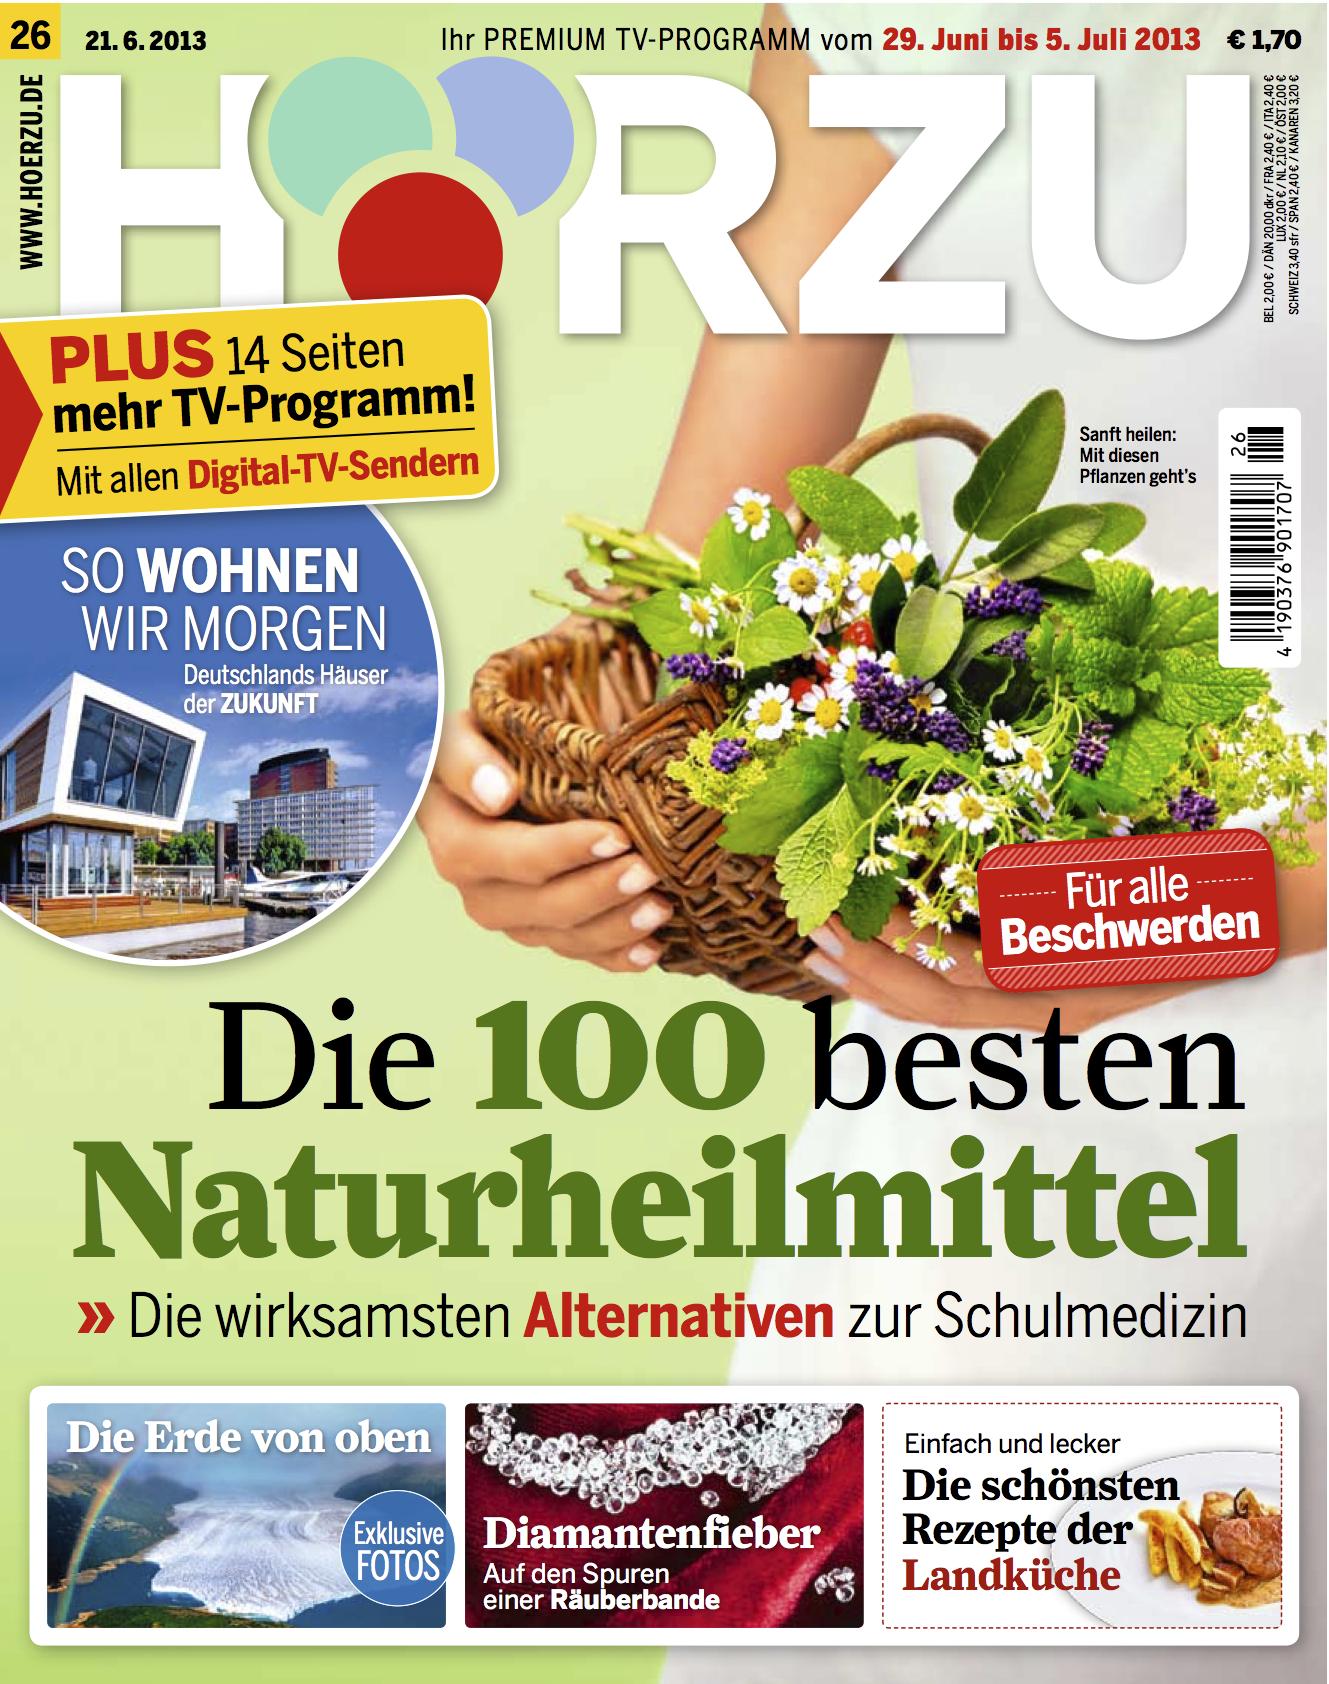 HZ_21.6.2013_Cover (1).jpg